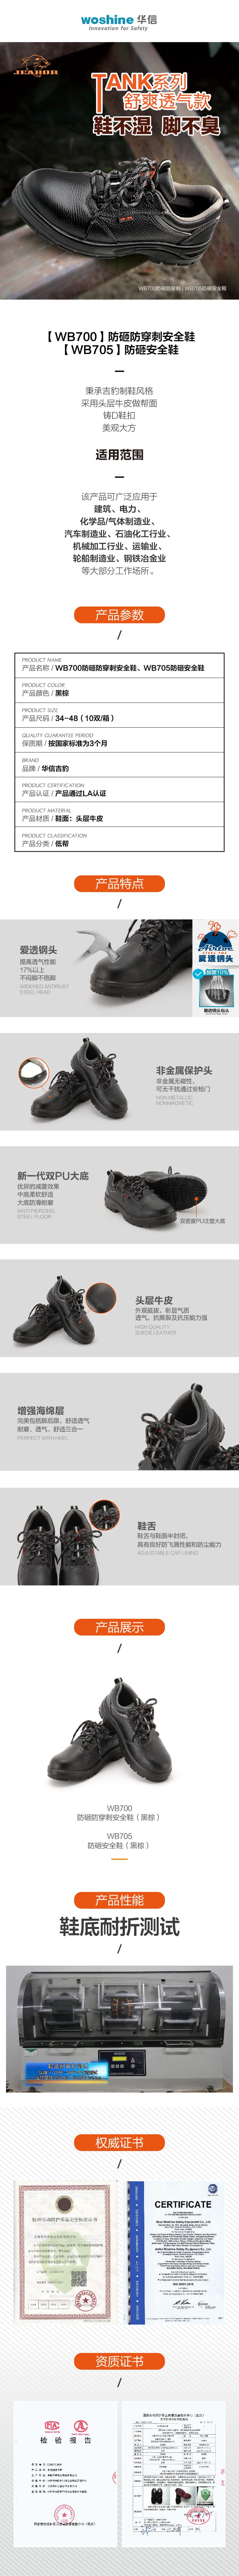 WP700鞋子